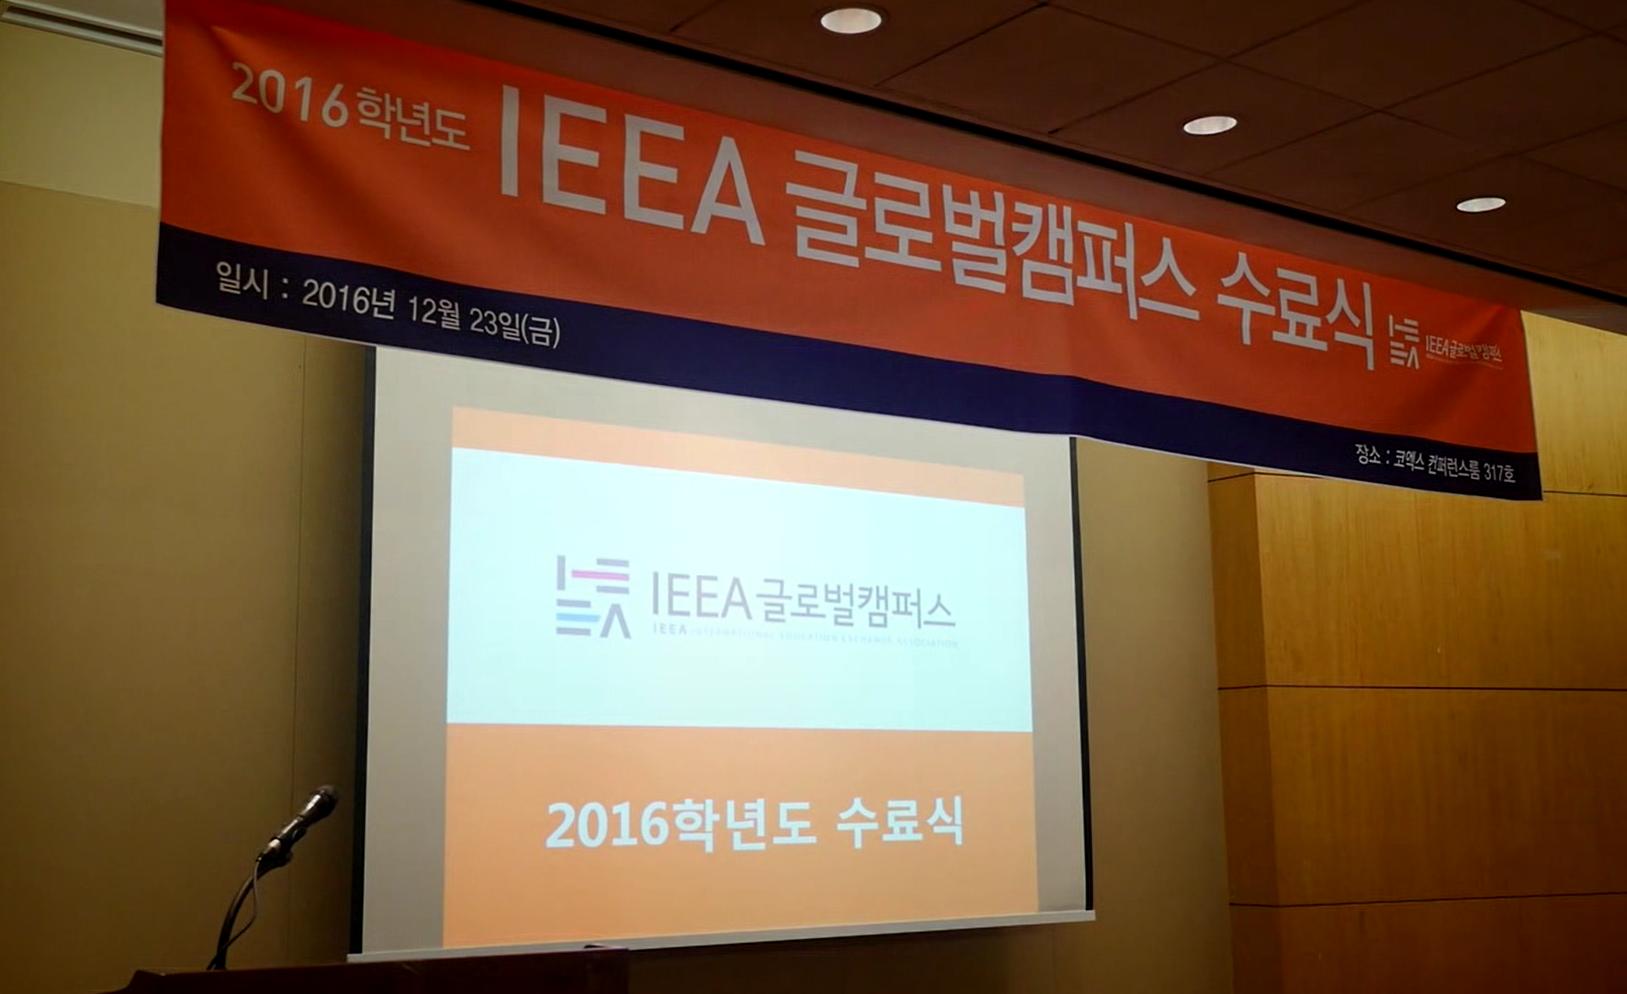 2016학년도 IEEA 글로벌캠퍼스 수료식